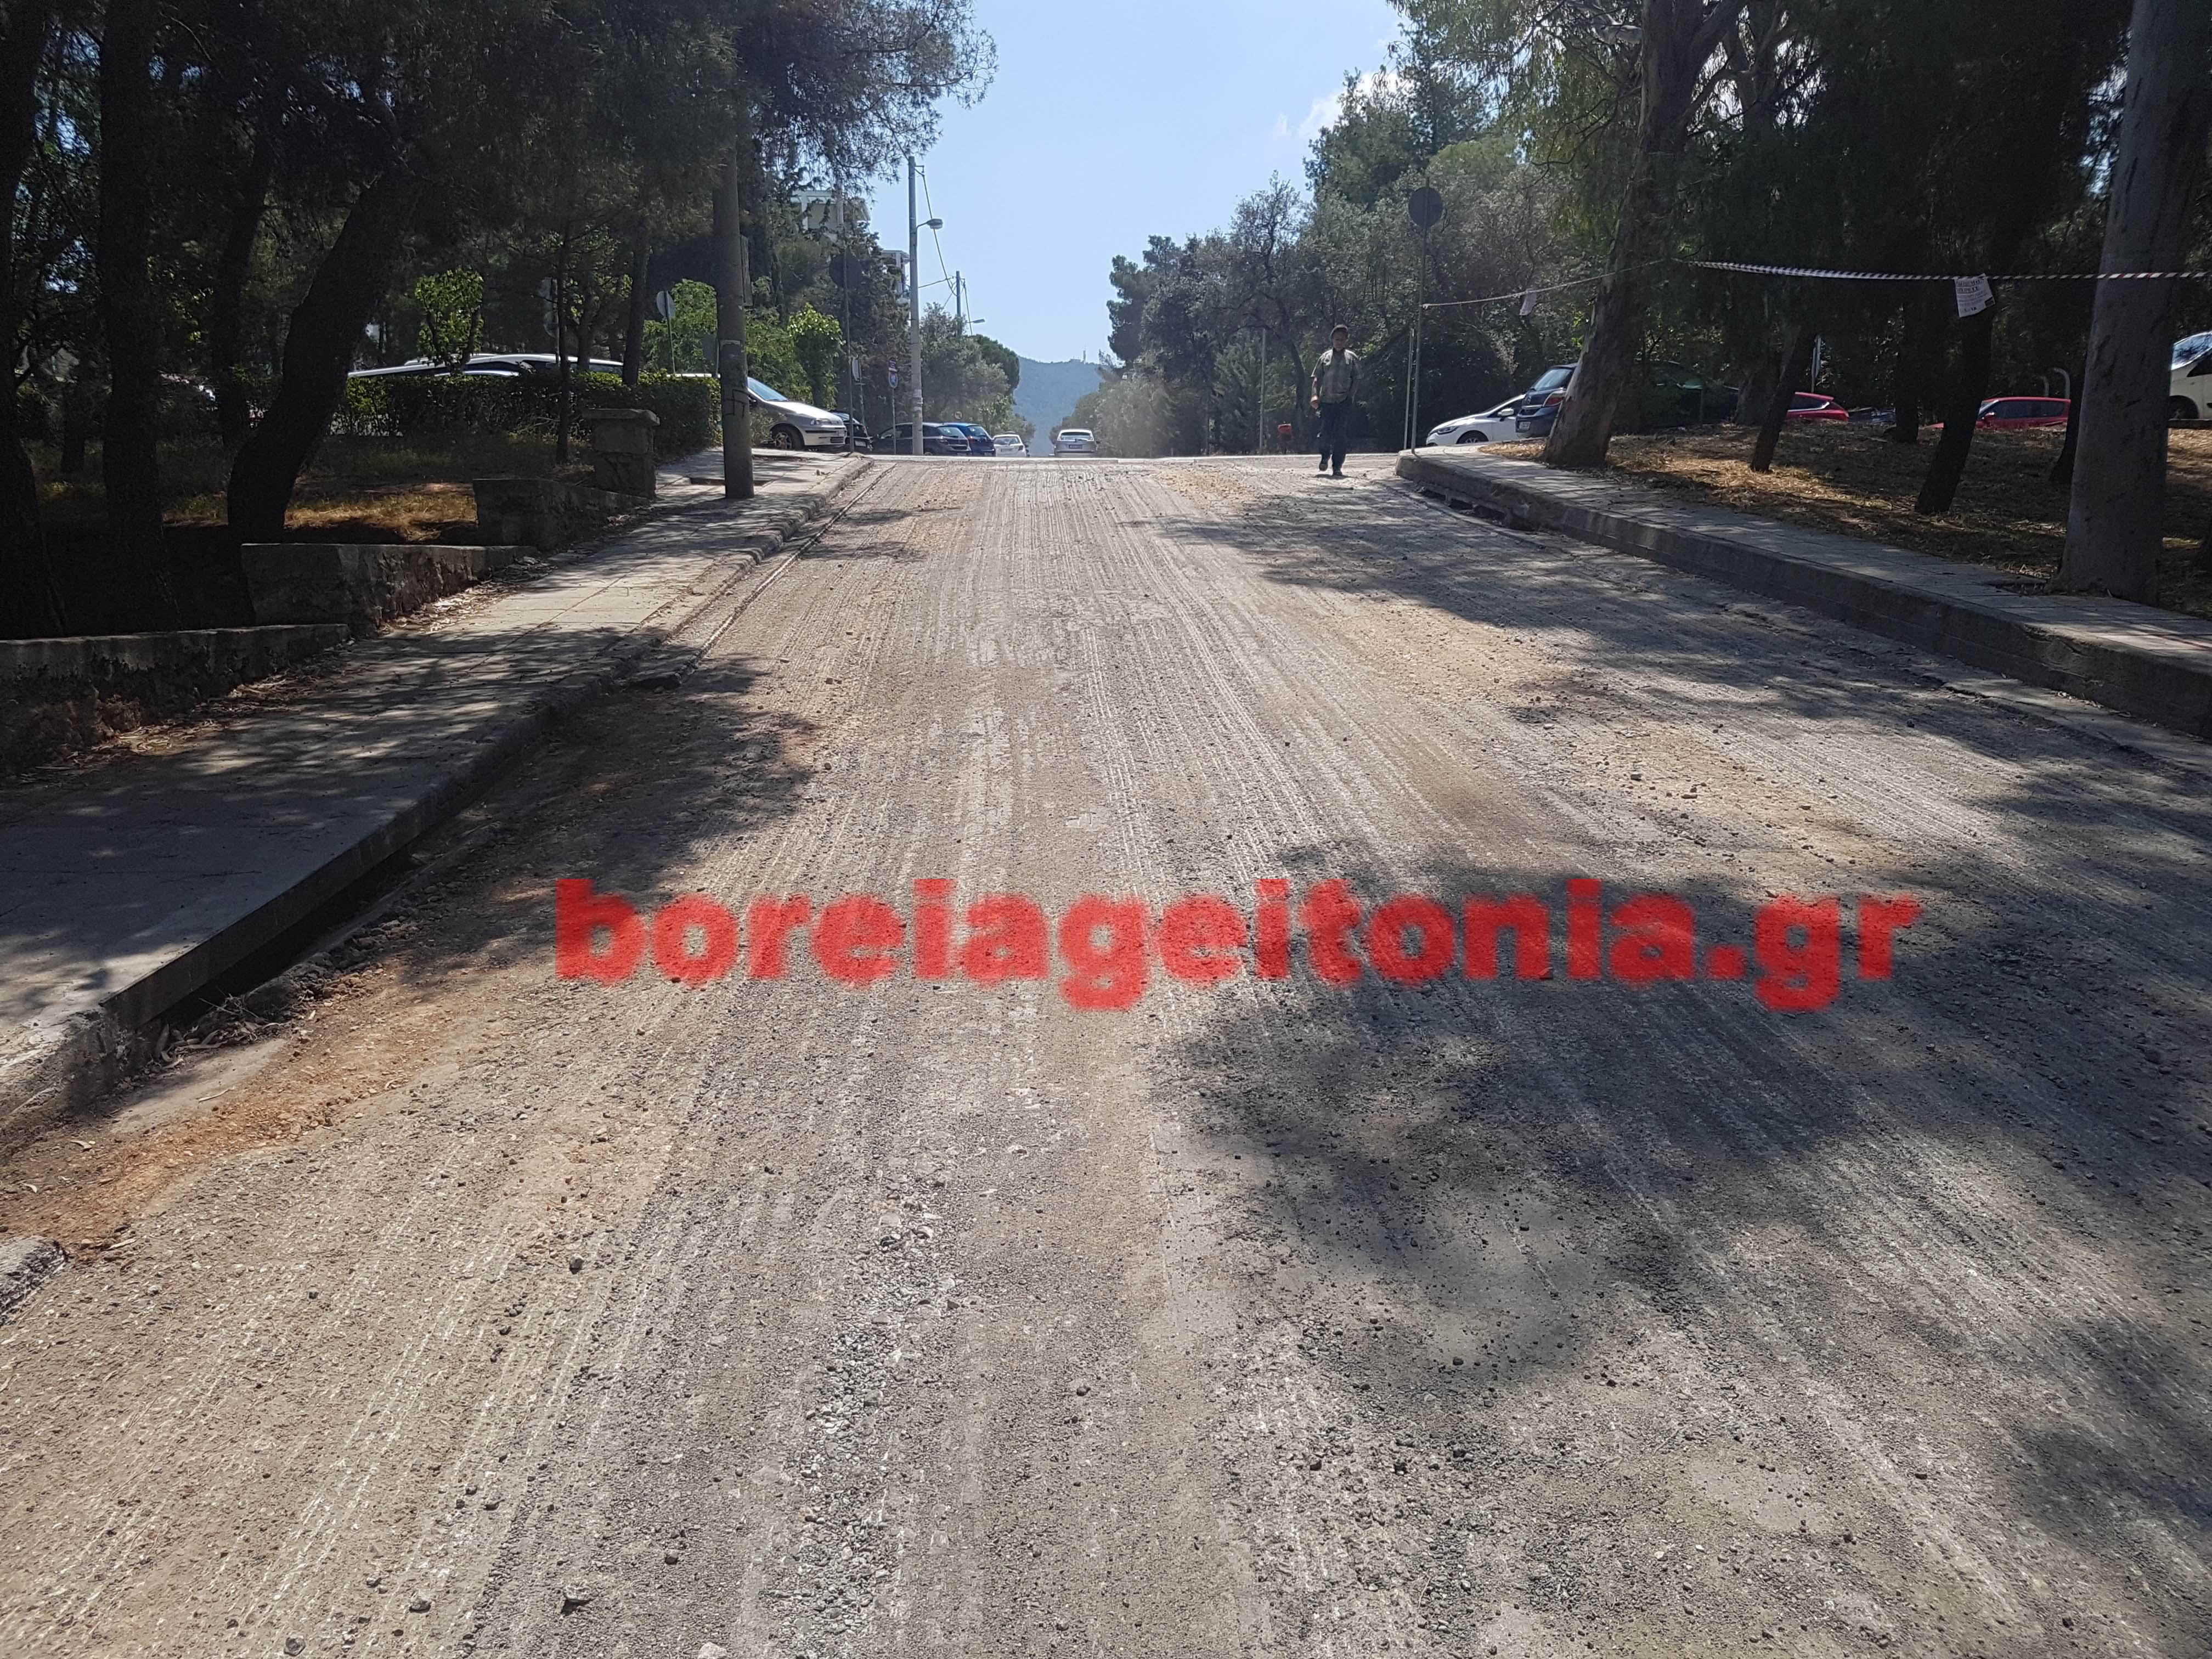 Ασφαλτοστρώσεις στο Δήμο Παπάγου - Χολαργού δείτε τους δρόμους